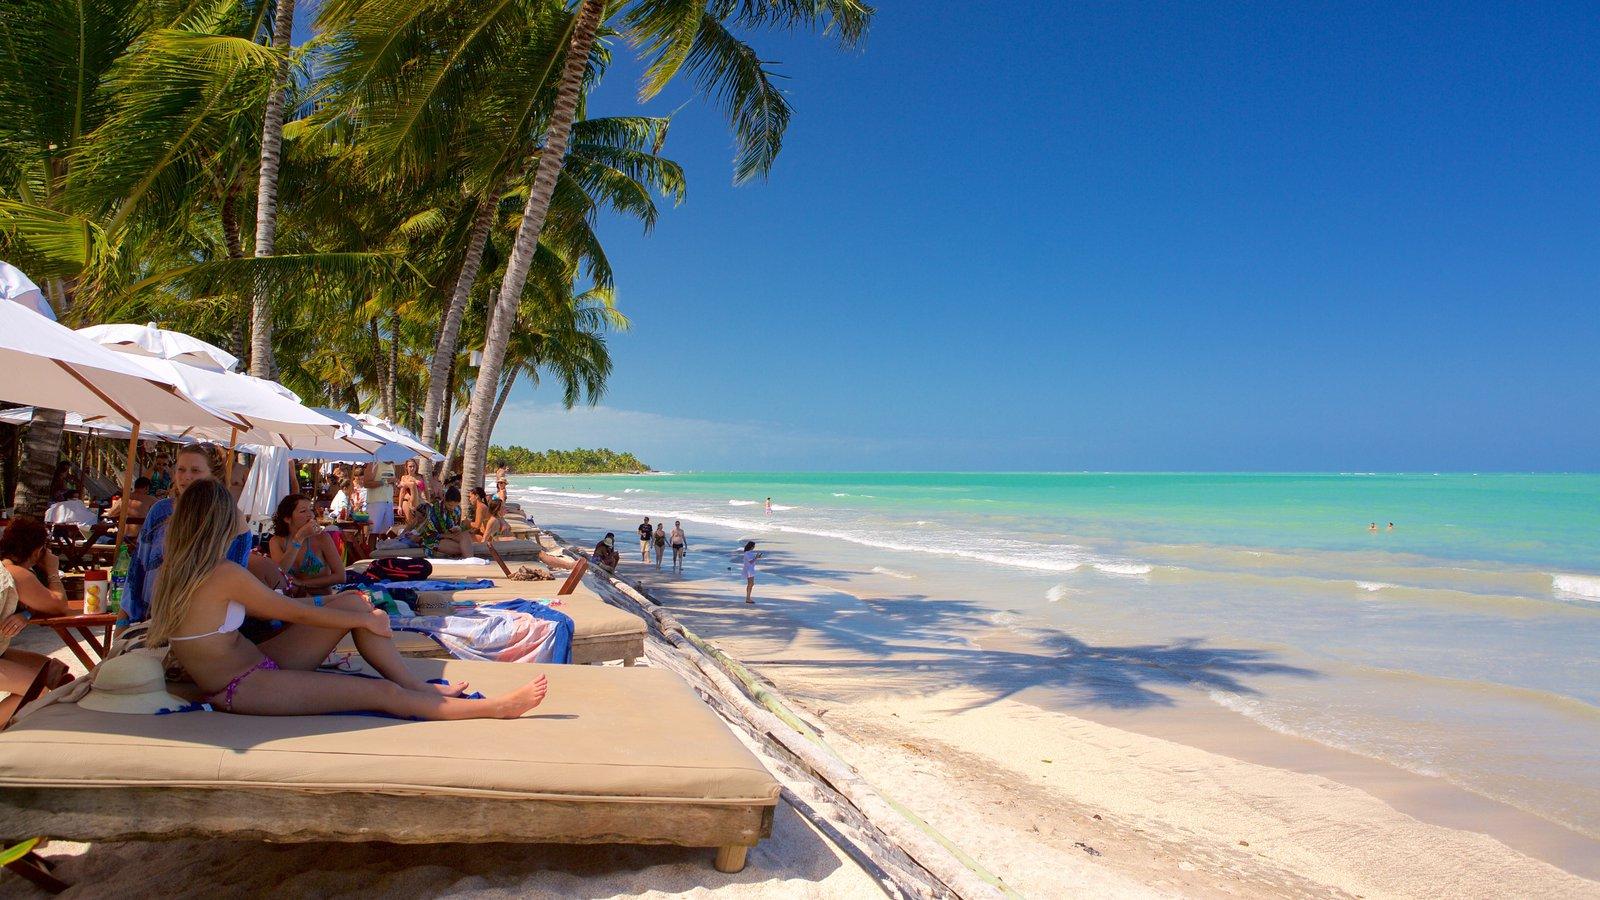 Praia de Ipioca caracterizando paisagens litorâneas, um hotel de luxo ou resort e uma praia